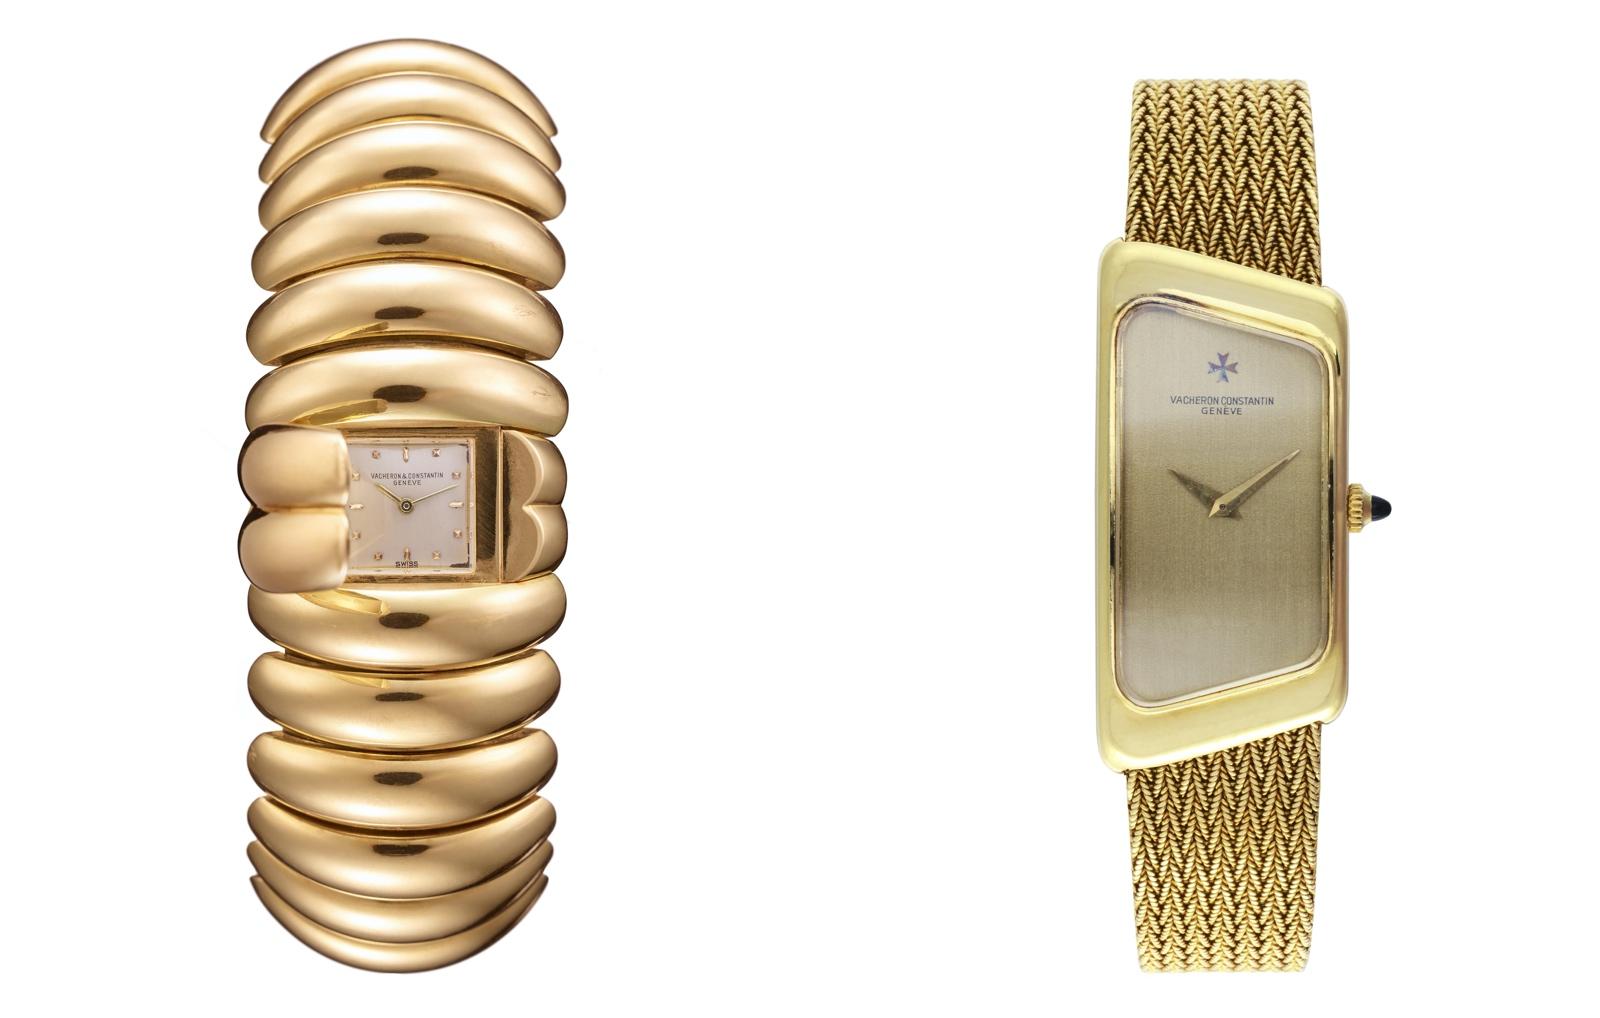 Vacheron Constantin - reloj brazalete (1946) - 1972 (1976)